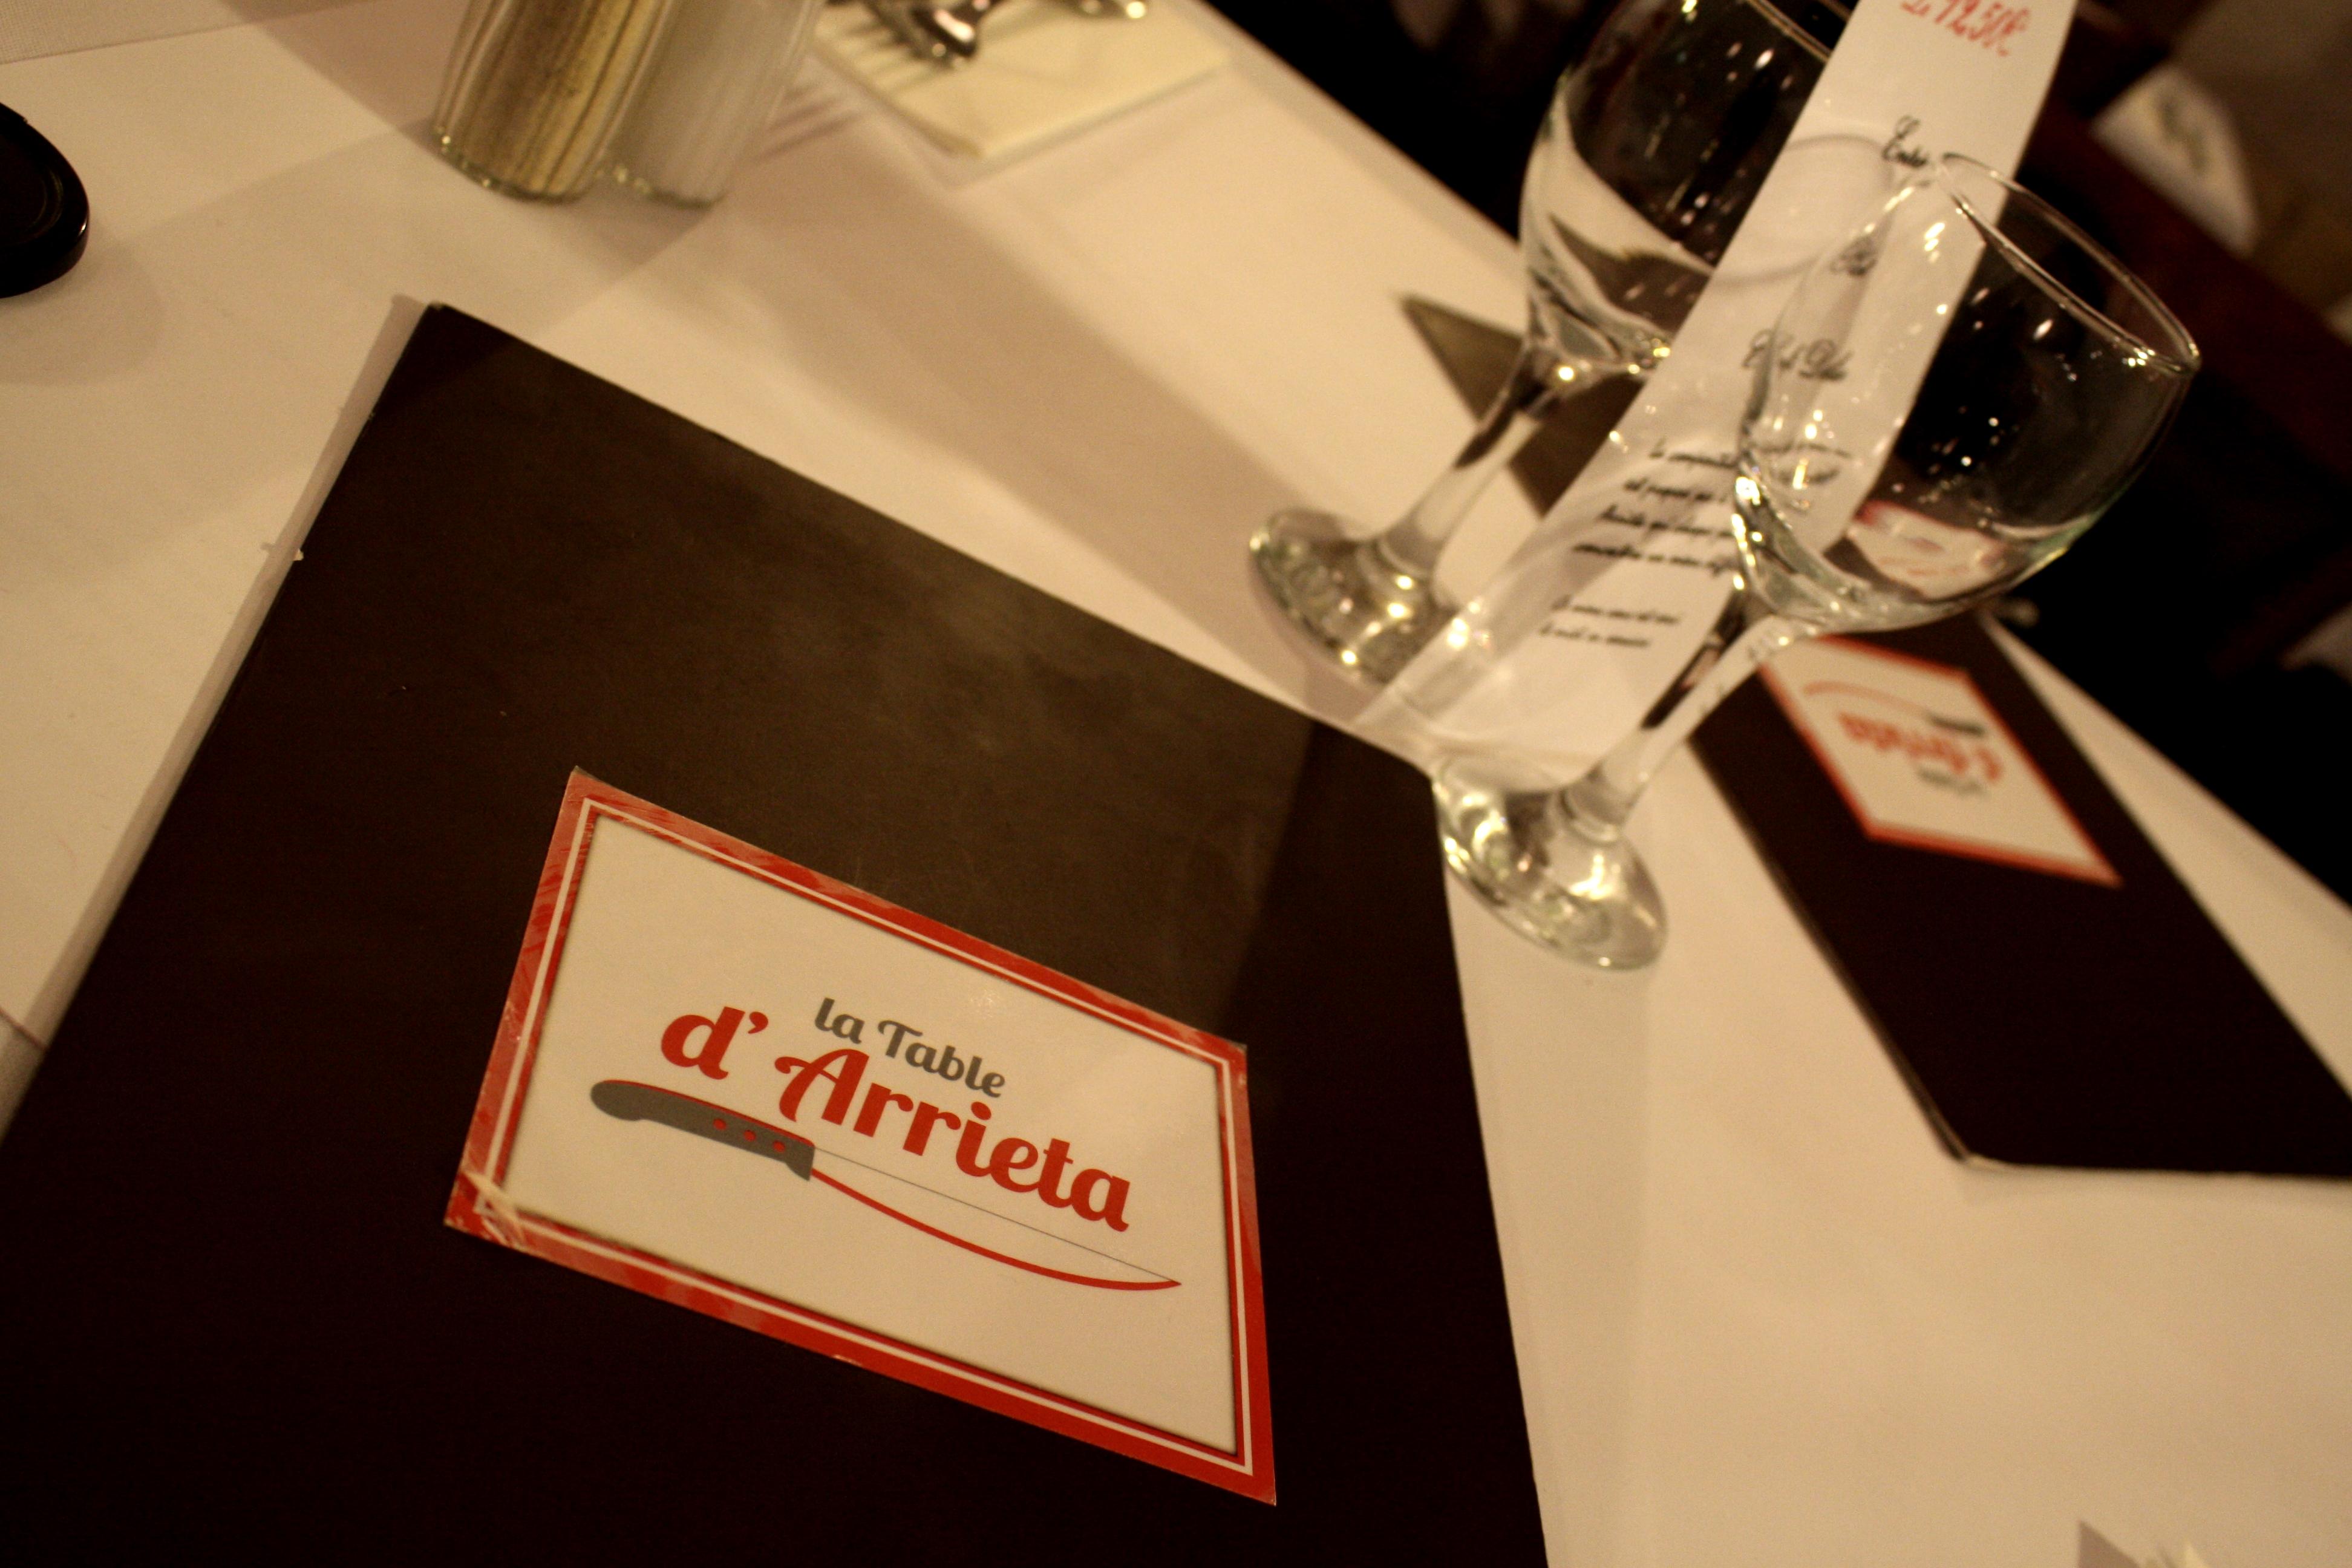 La Table D Arrieta Bordeaux Parce Que J 39 Adore Critiquer